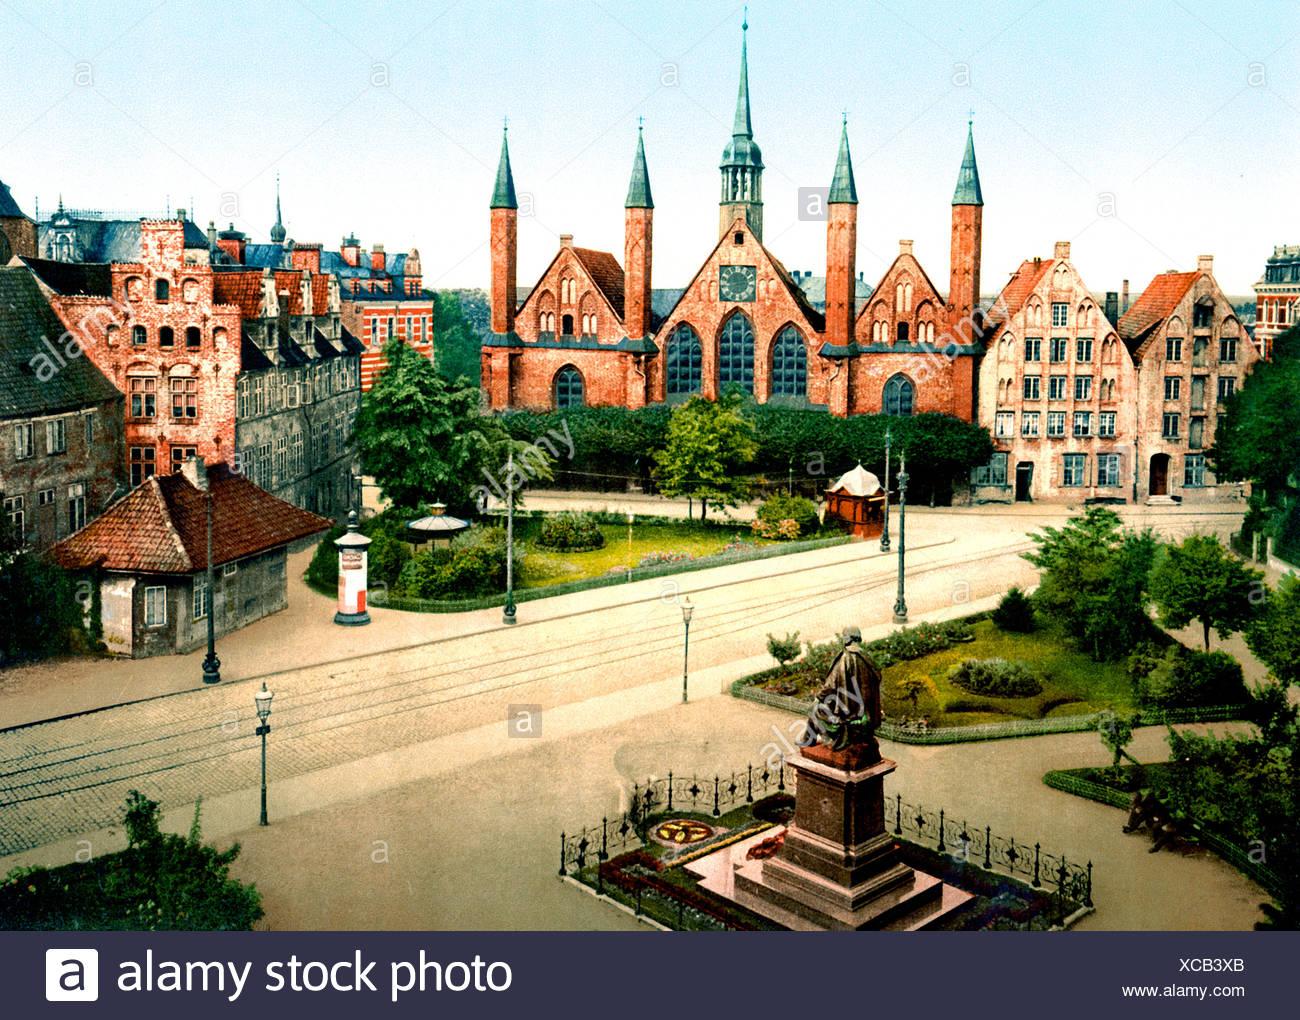 Das Krankenhaus Lübeck Immagini Stock